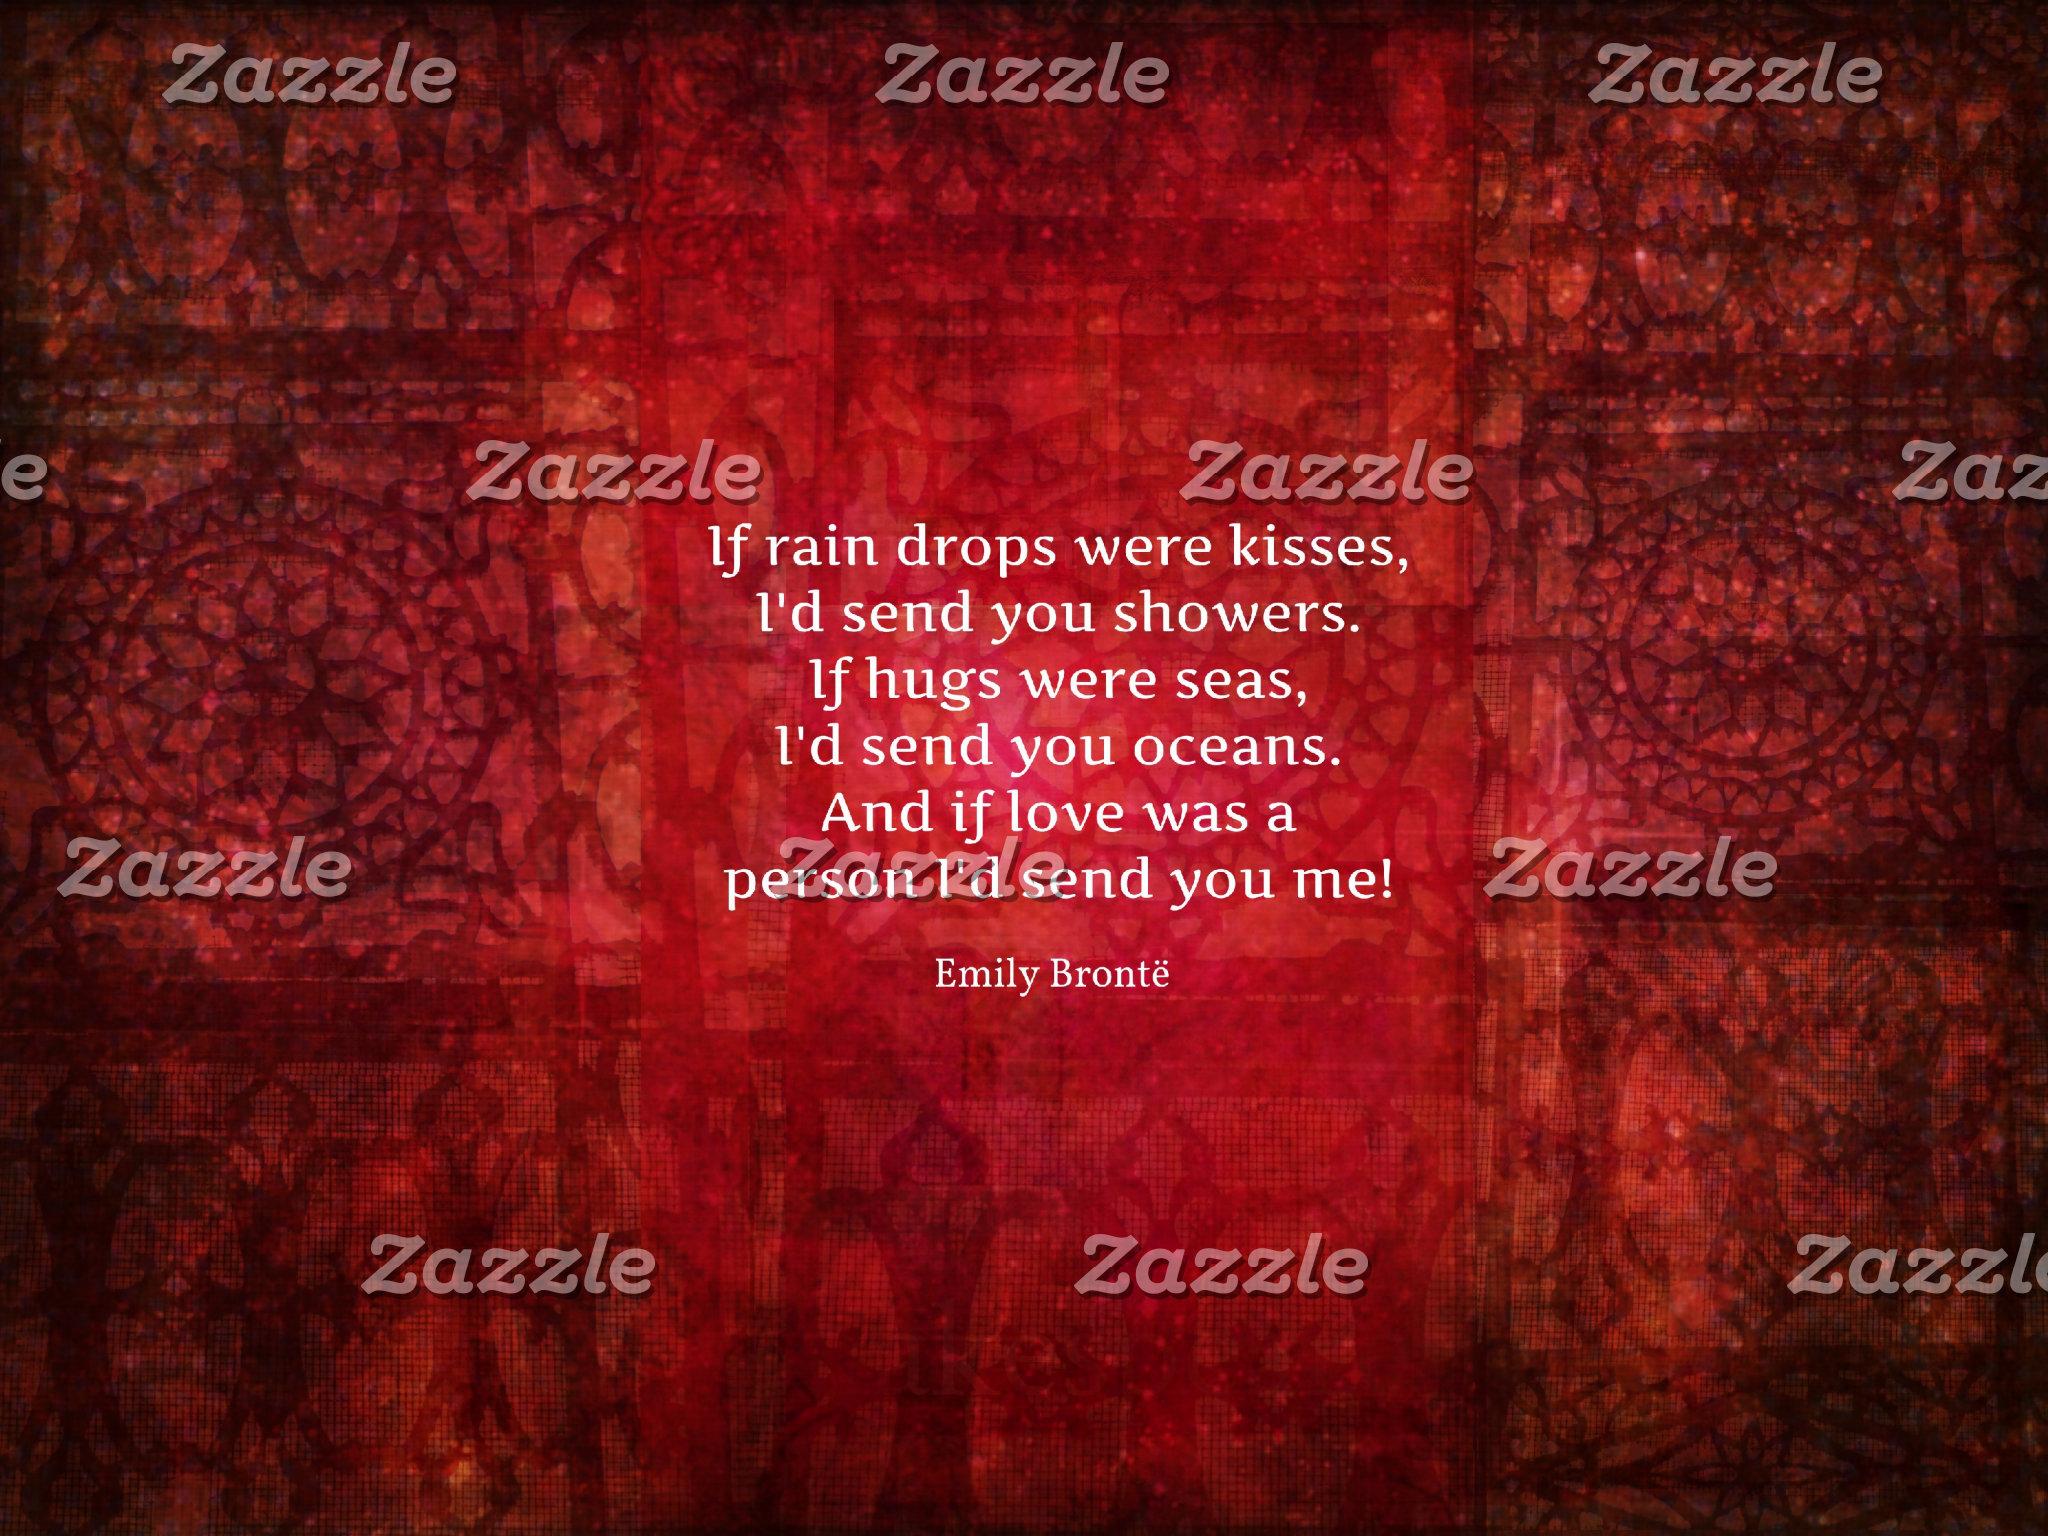 If rain drops were kisses, I'd send you showers